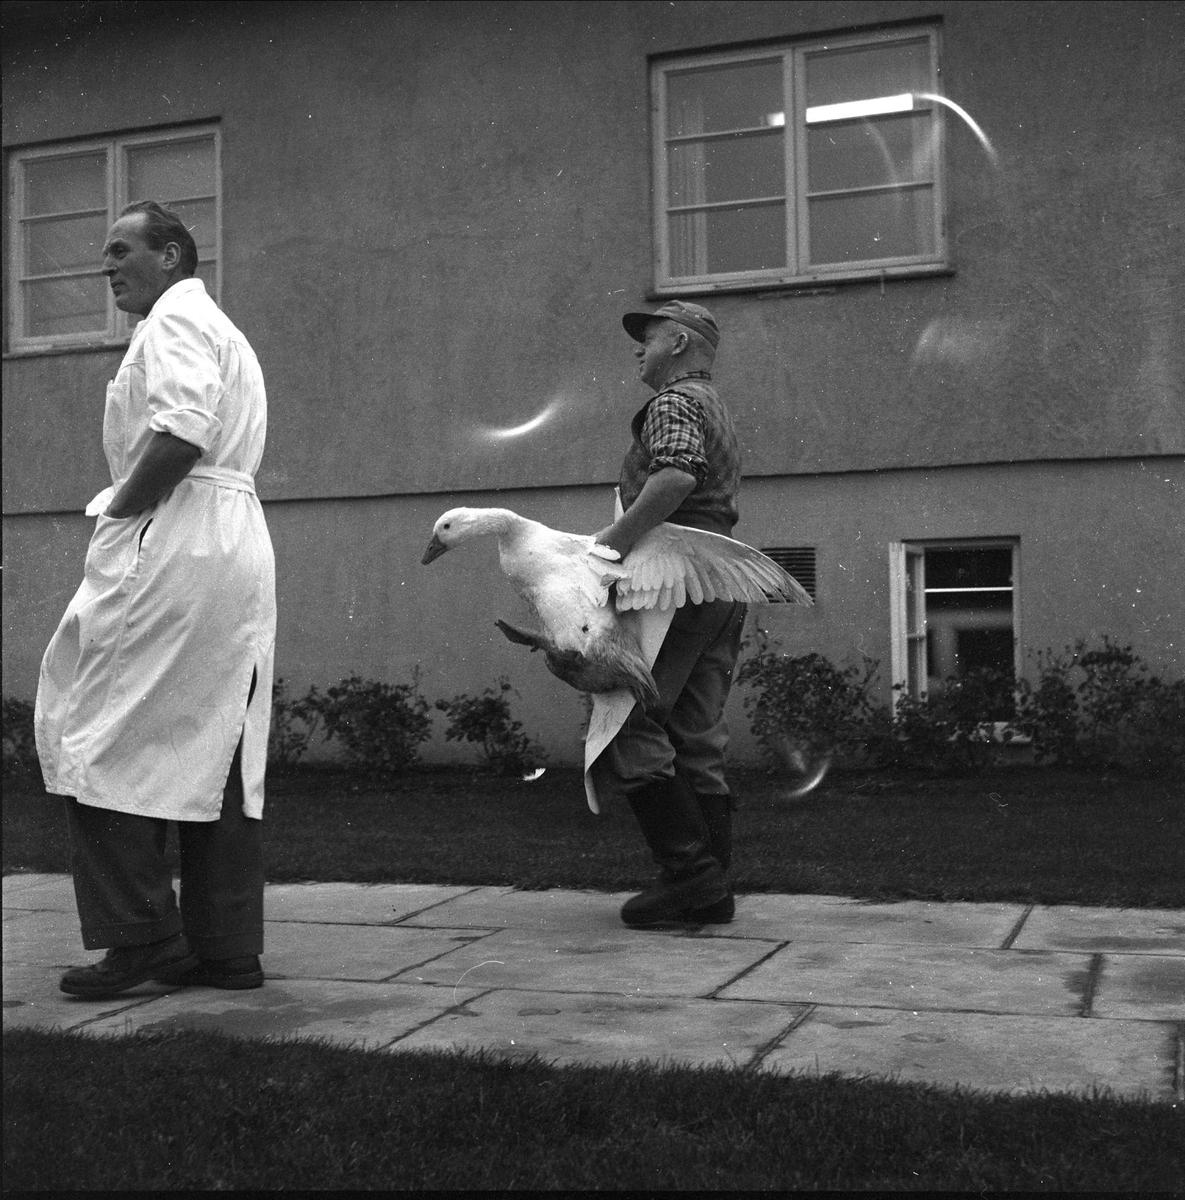 Mortensgås i Rakkestad, slakteferdige gjess, Rakkestad, 10.11.1958